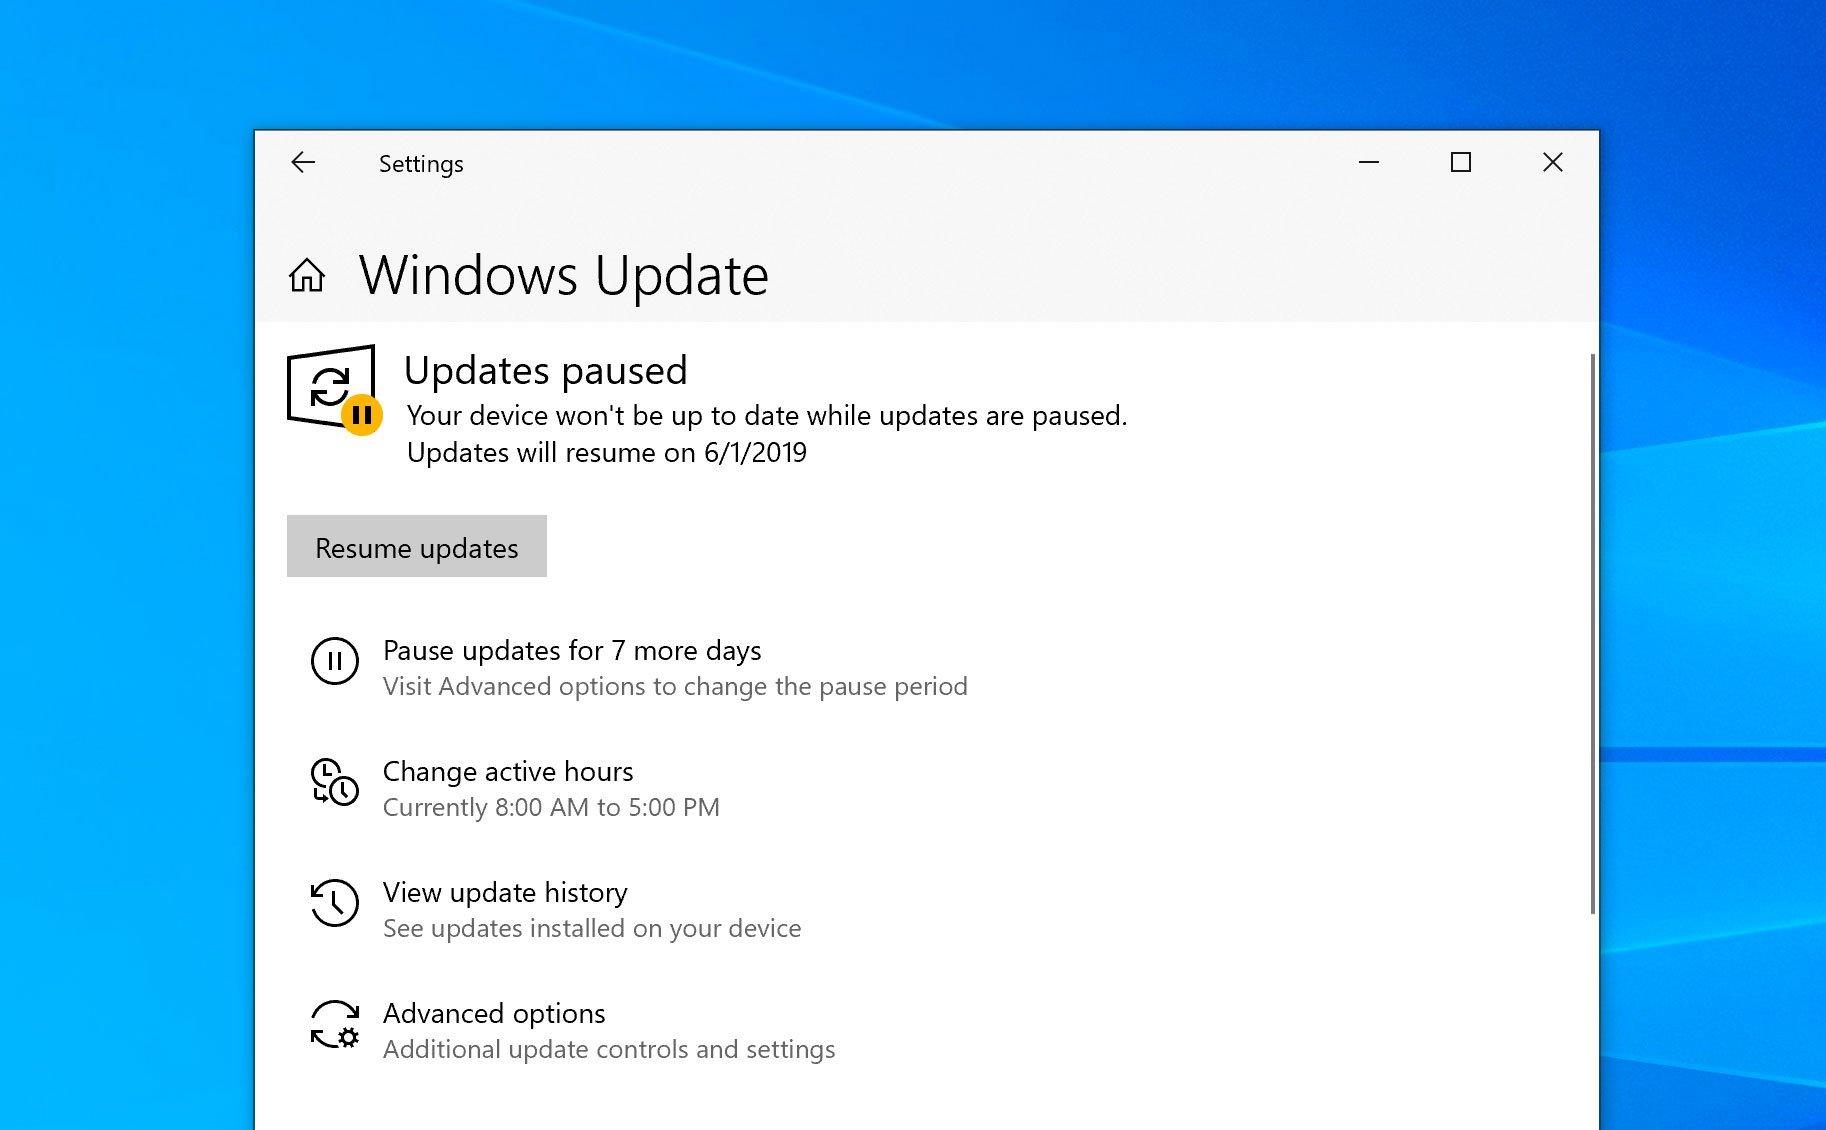 https://laptopcenter.vn/tin-tuc/meo-vat-tien-ich/3-thu-ban-co-the-chinh-de-windows-update-khong-lam-ban-kho-chiu-nua-windows-10-may-2019